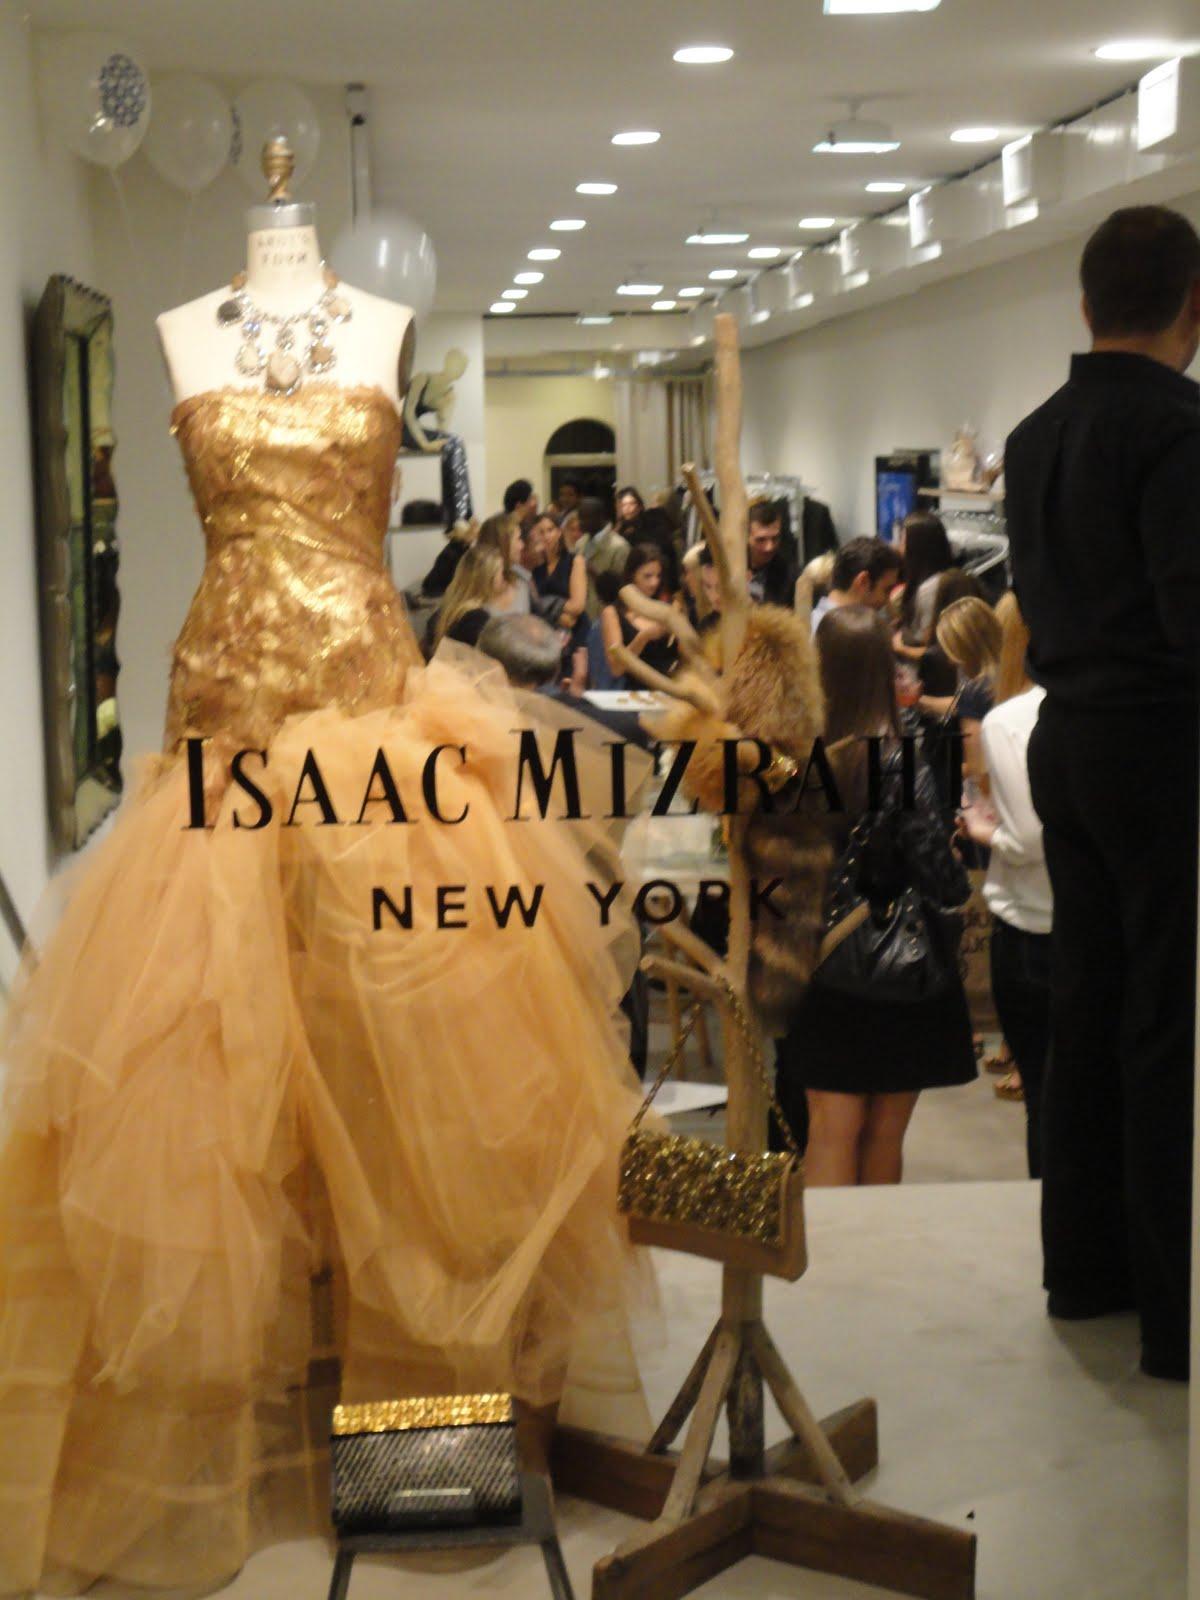 http://2.bp.blogspot.com/_k9UWS0fHSz8/TIv78uISjiI/AAAAAAAAAUY/oZBP9urHqoQ/s1600/Fashion+Week2010+225.JPG